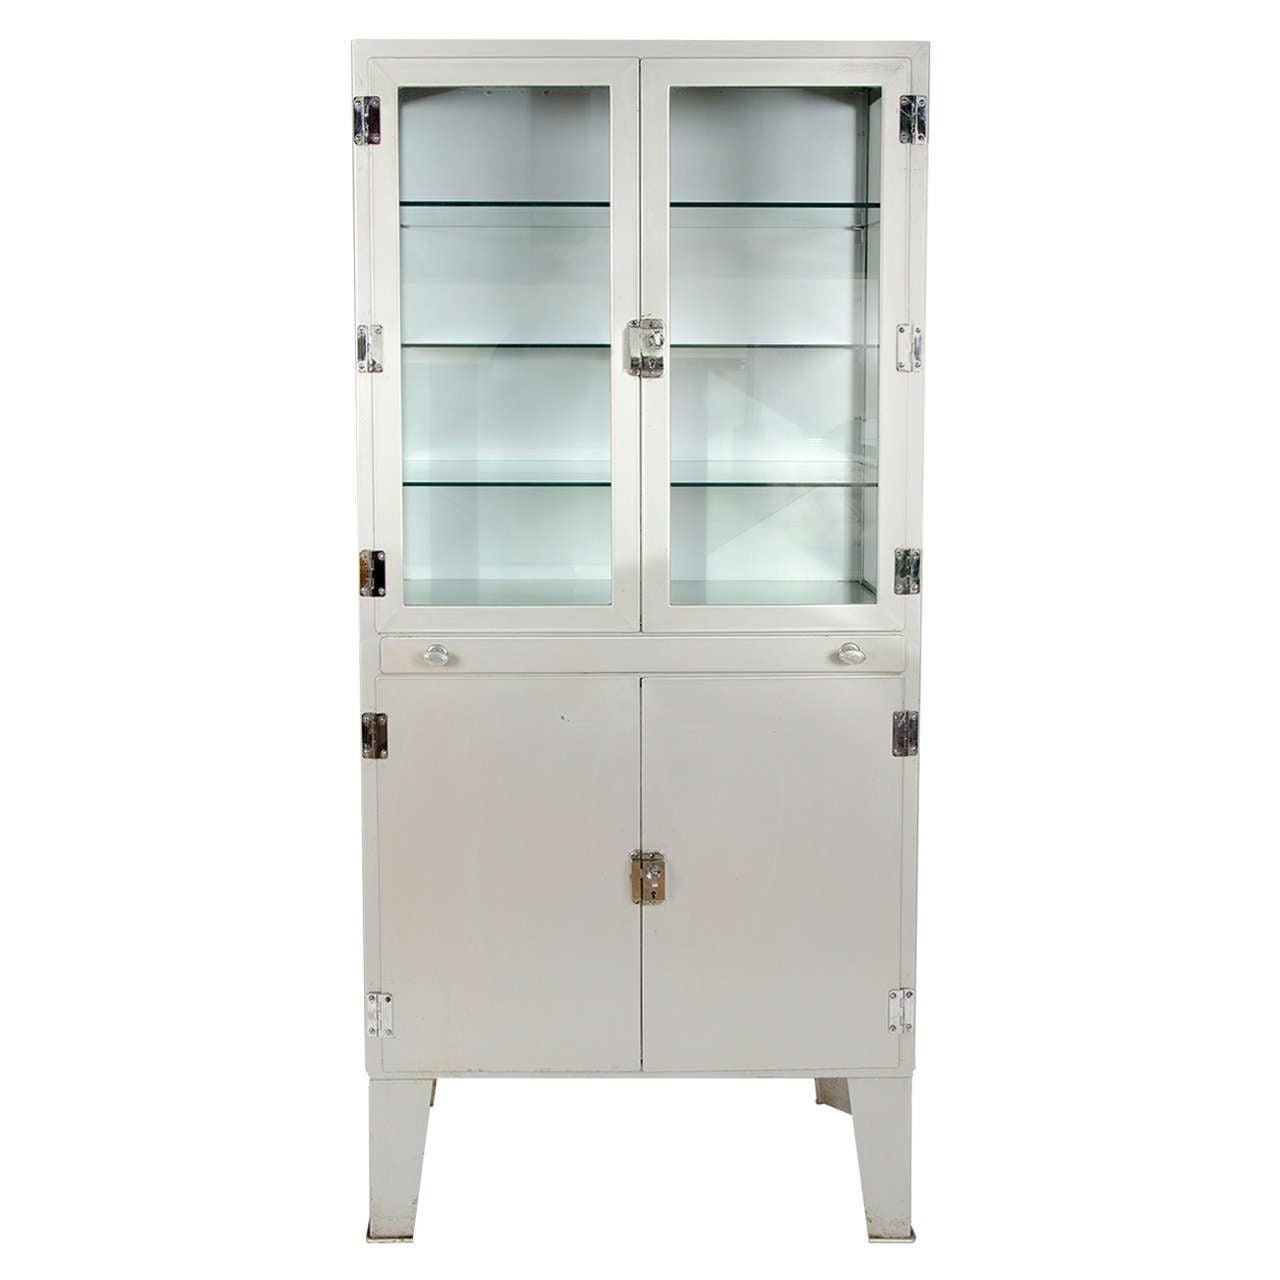 Vintage 1950s Metal Medicine Cabinet at 1stdibs - 1950s Metal Medicine Cabinet At 1stdibs